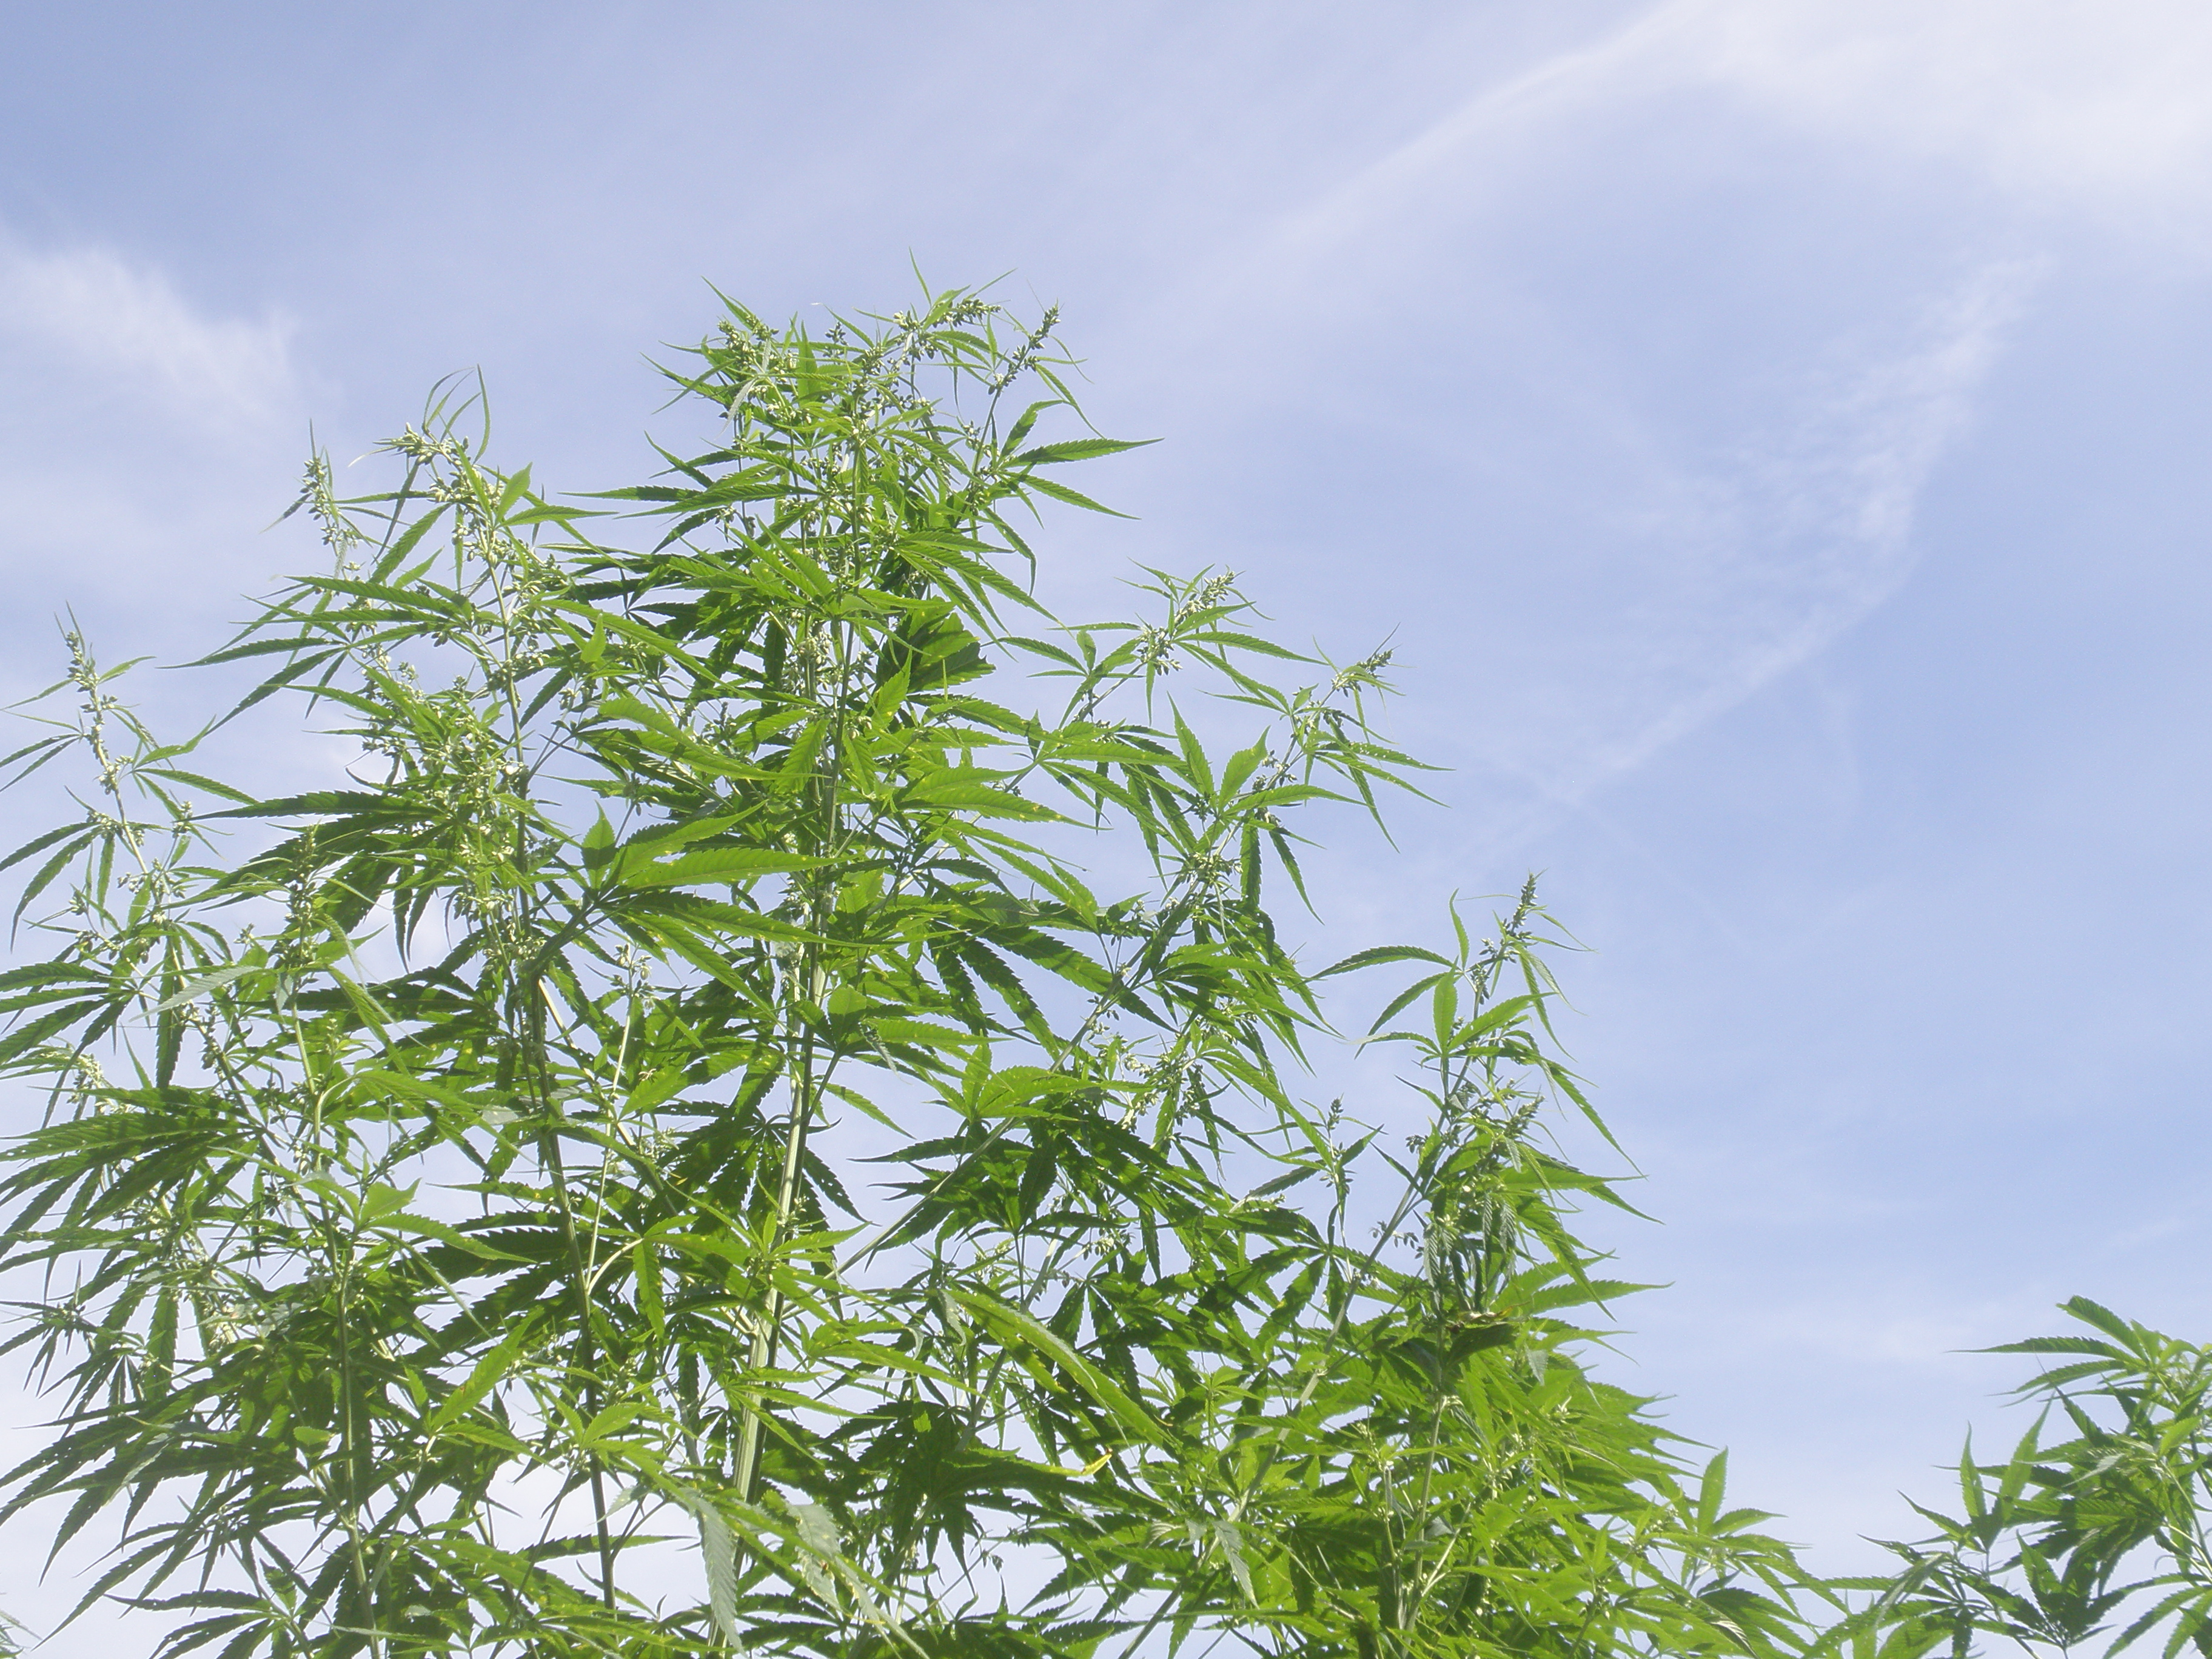 繊維用大麻【ヘンプ】って日本でも作っているの?